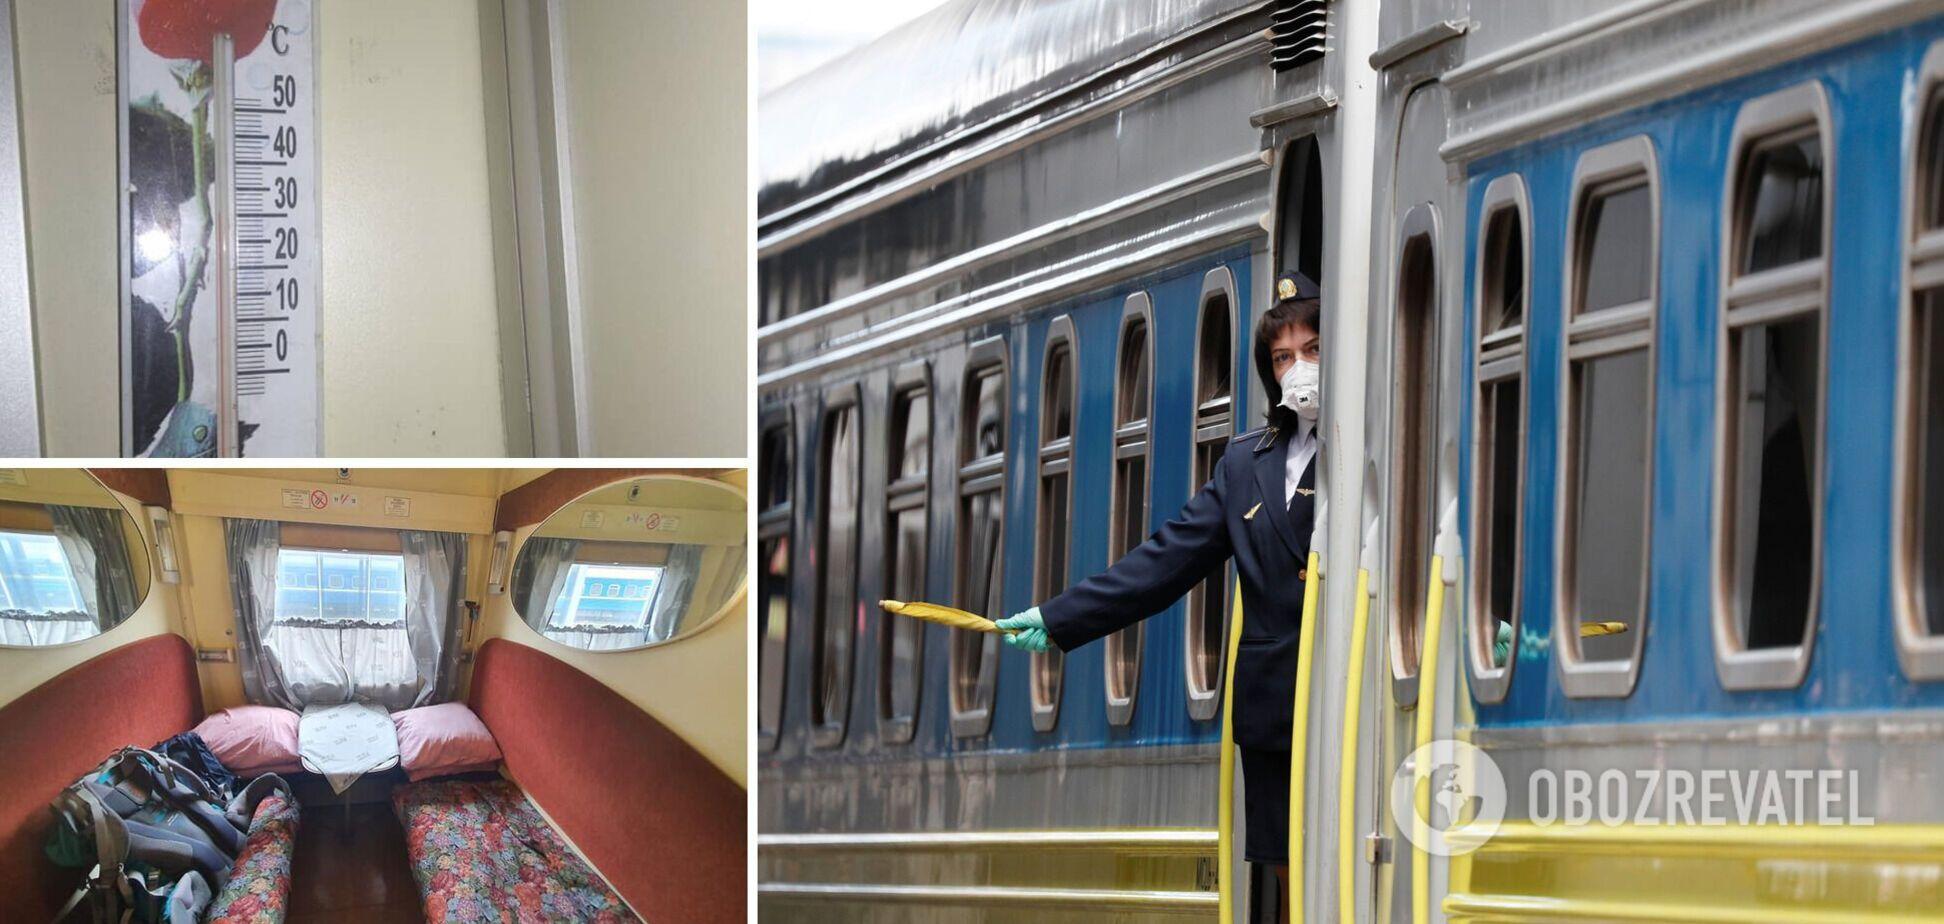 Пасажири поскаржилися на нестерпні умови у 'золотих катівнях' – вагонах люкс 'Укрзалізниці'. Фото